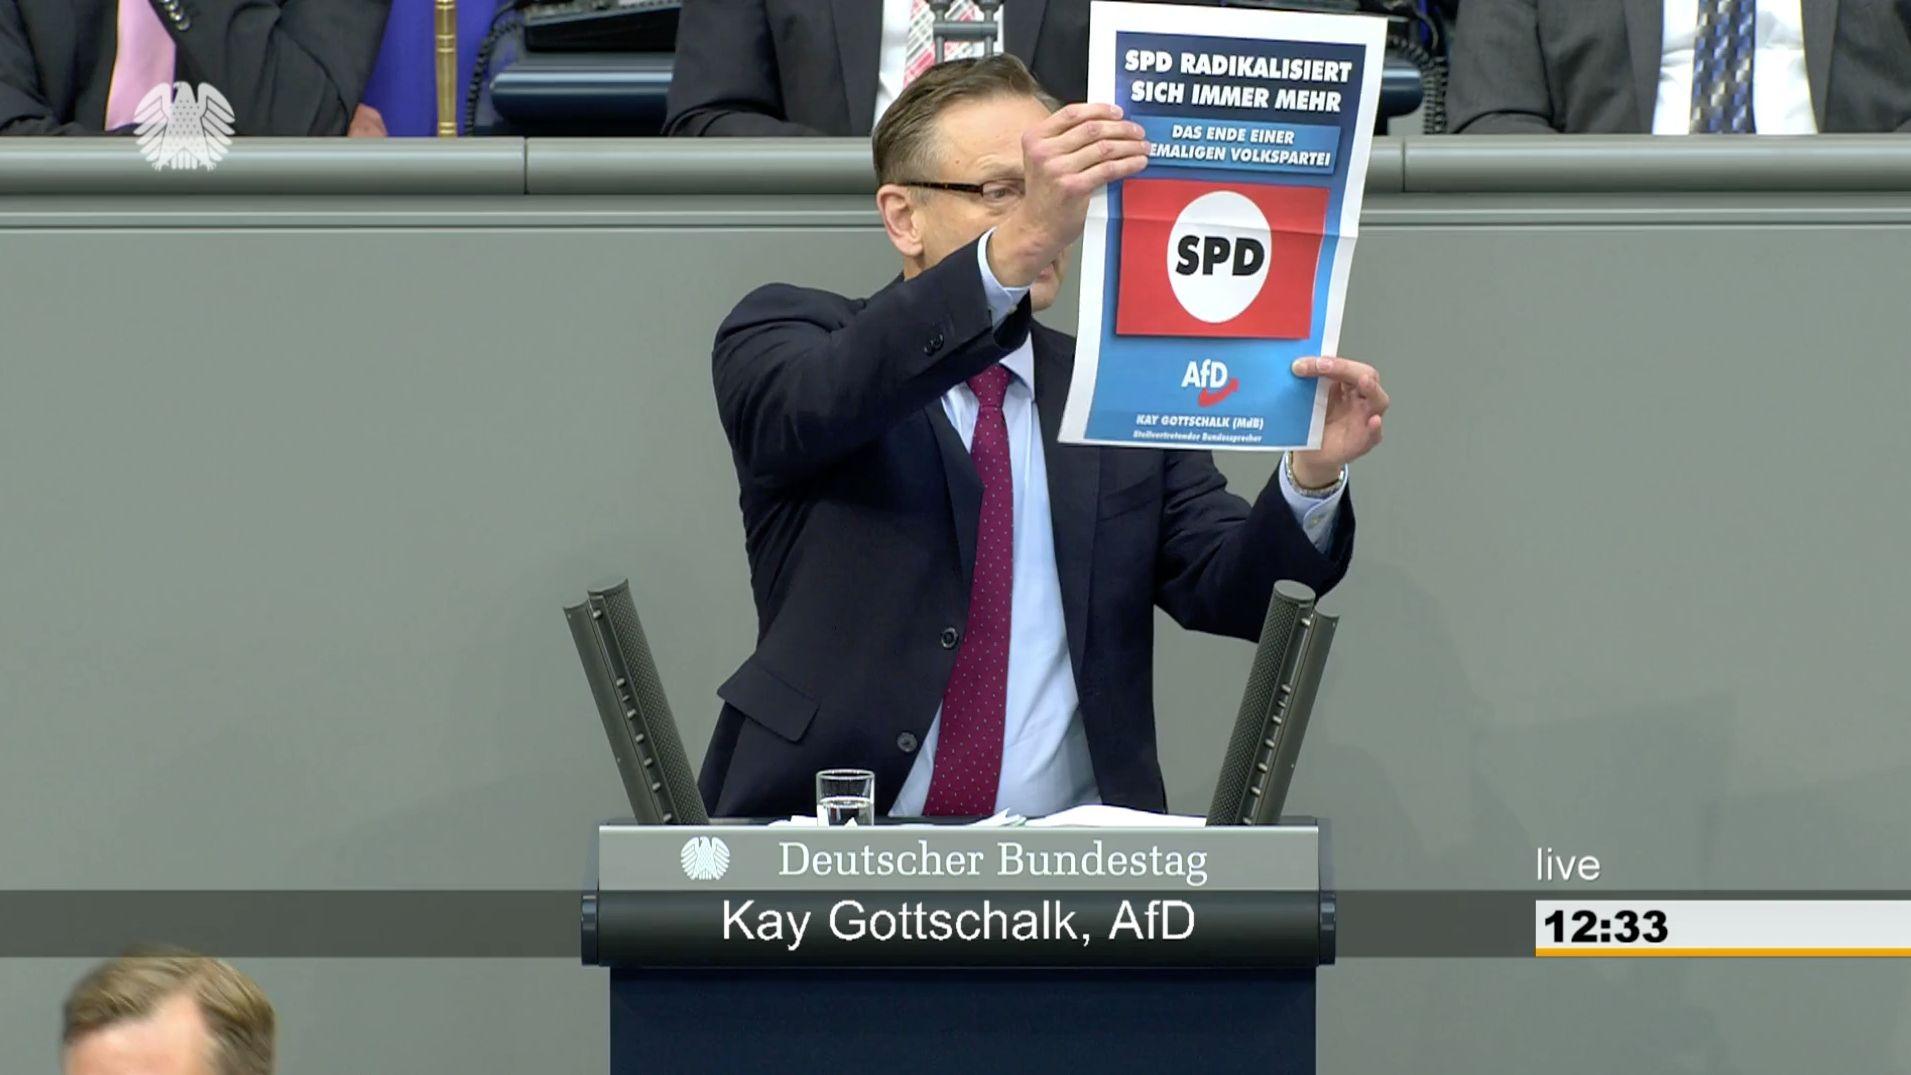 """AfD-Abgeordneter wirft SPD """"Gleichschaltung vor"""" – und provoziert mit Poster"""